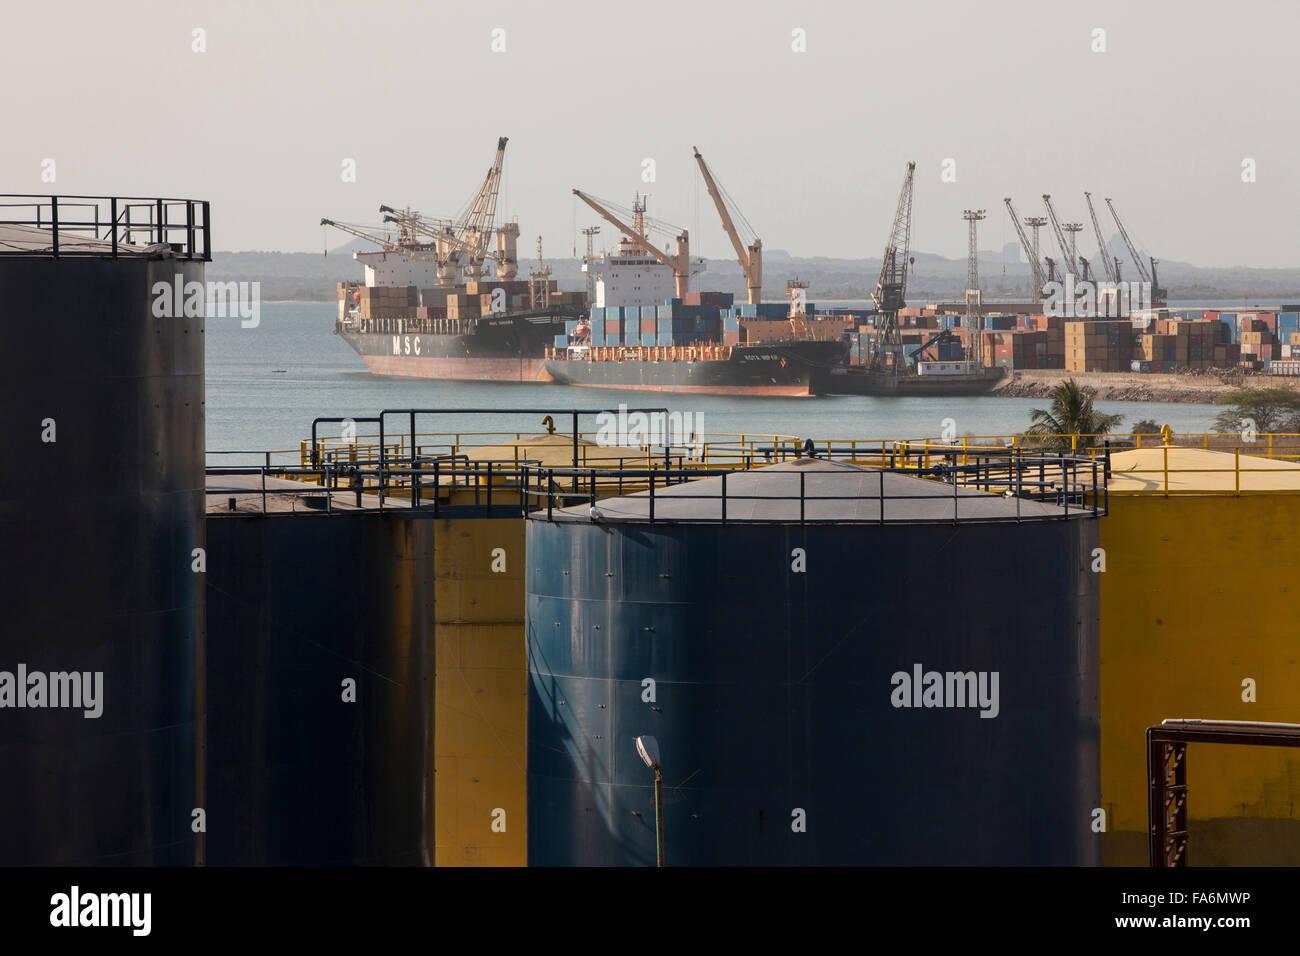 Los buques atracar en el puerto de Nacala, en el noreste de Mozambique. Imagen De Stock